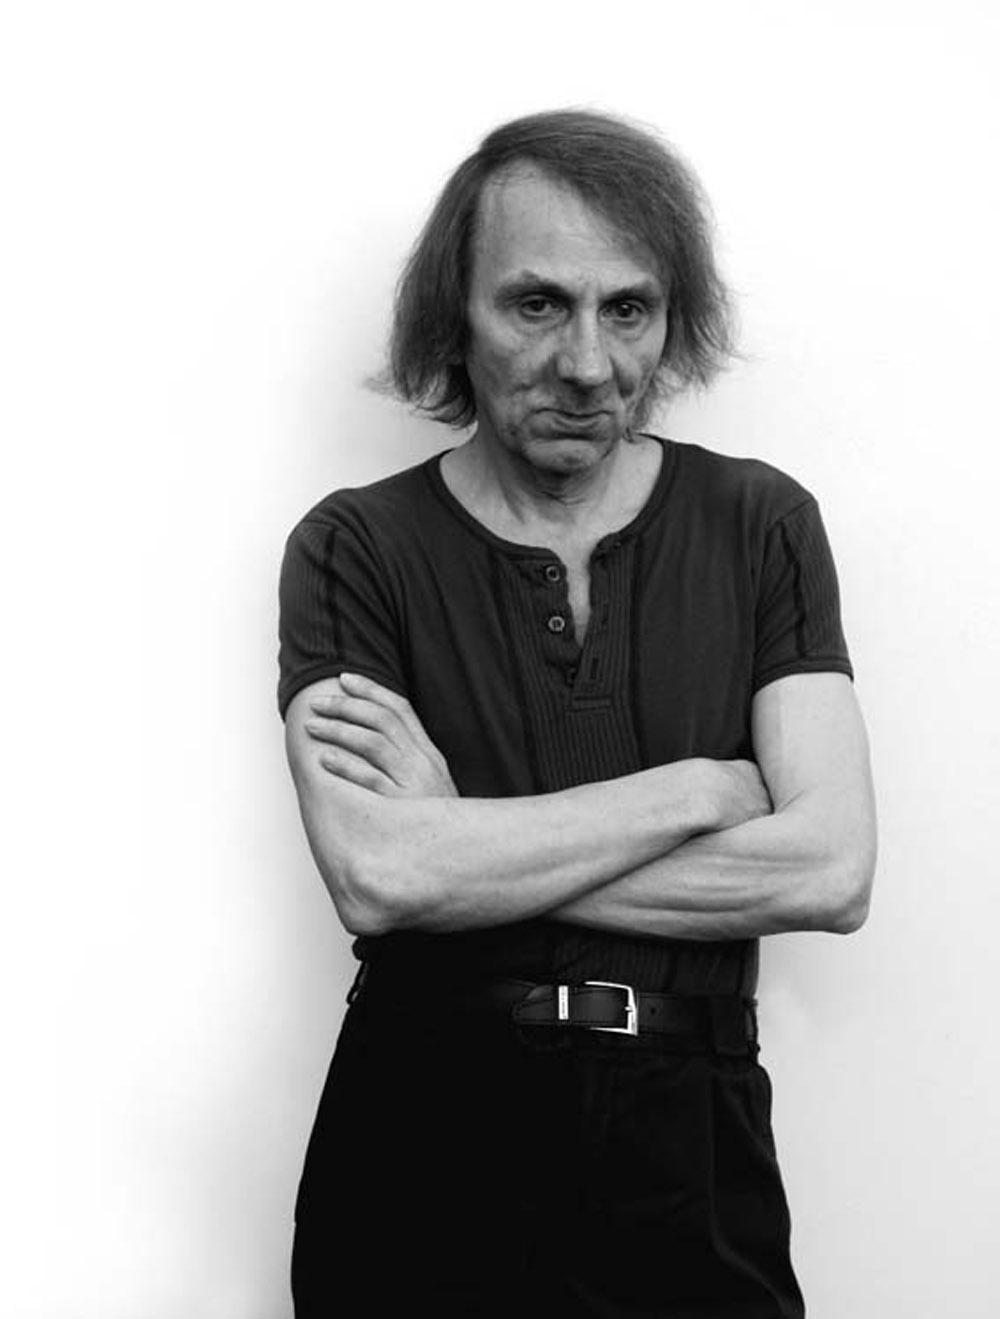 Mart Engelen, Michel Houellebecq, Venice 2014, Copyright Mart Engelen